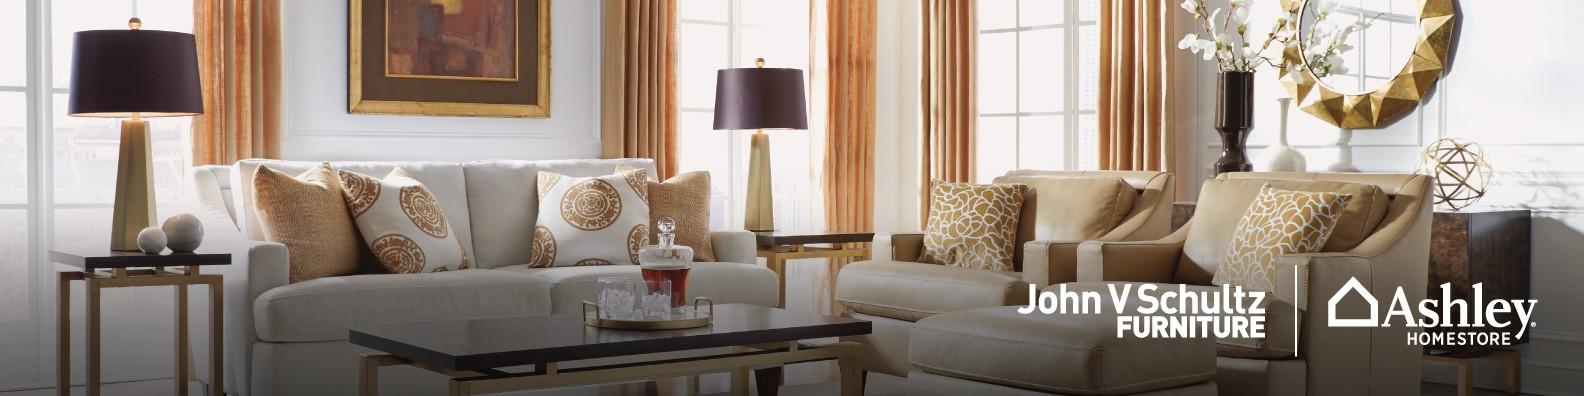 John V Schultz Furniture Linkedin, John V Schultz Furniture